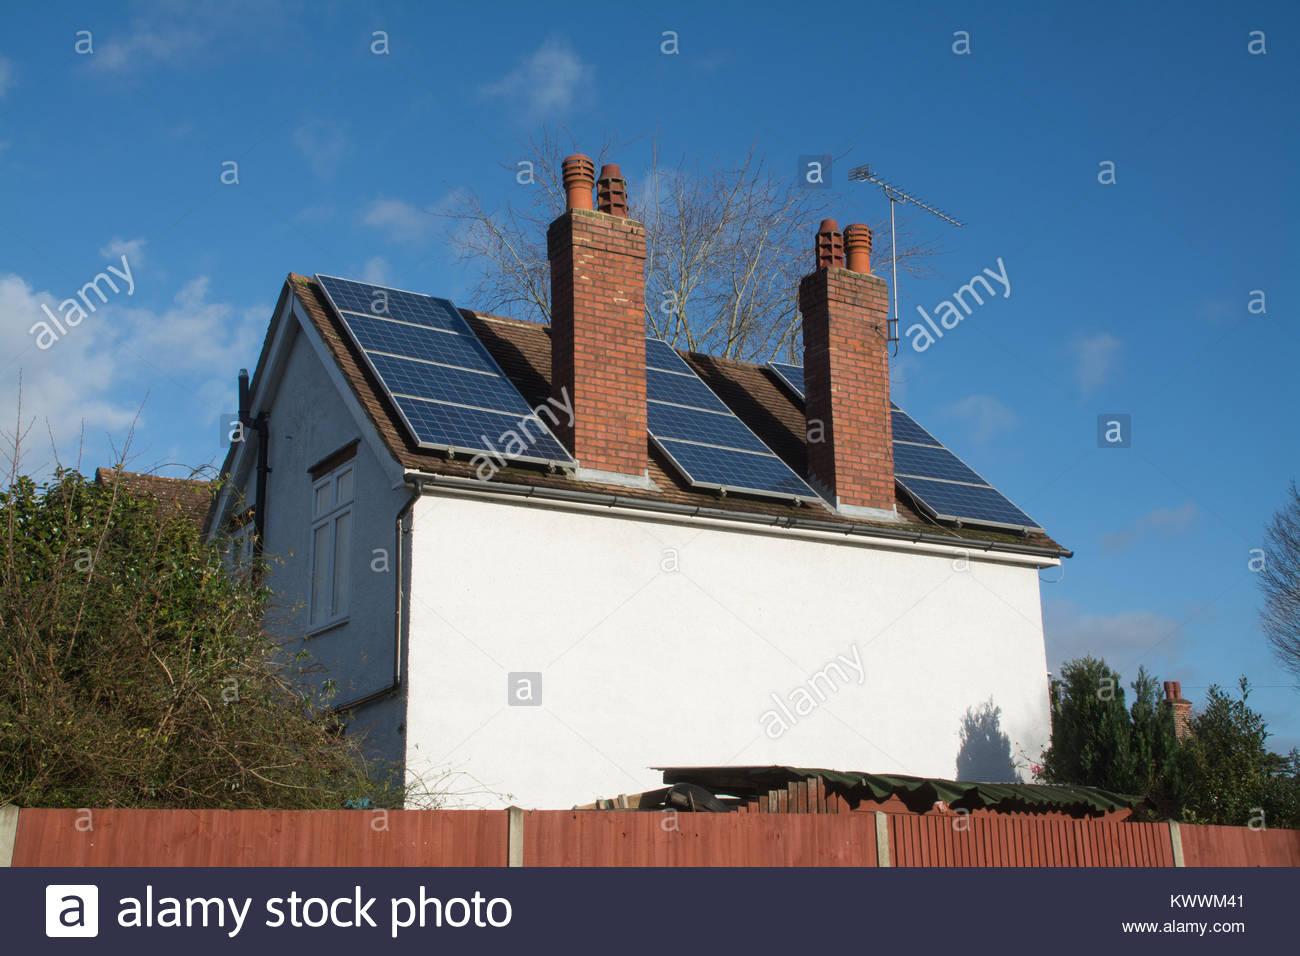 Los paneles solares instalados en el techo de la casa unifamiliar en Hampshire, Reino Unido Imagen De Stock